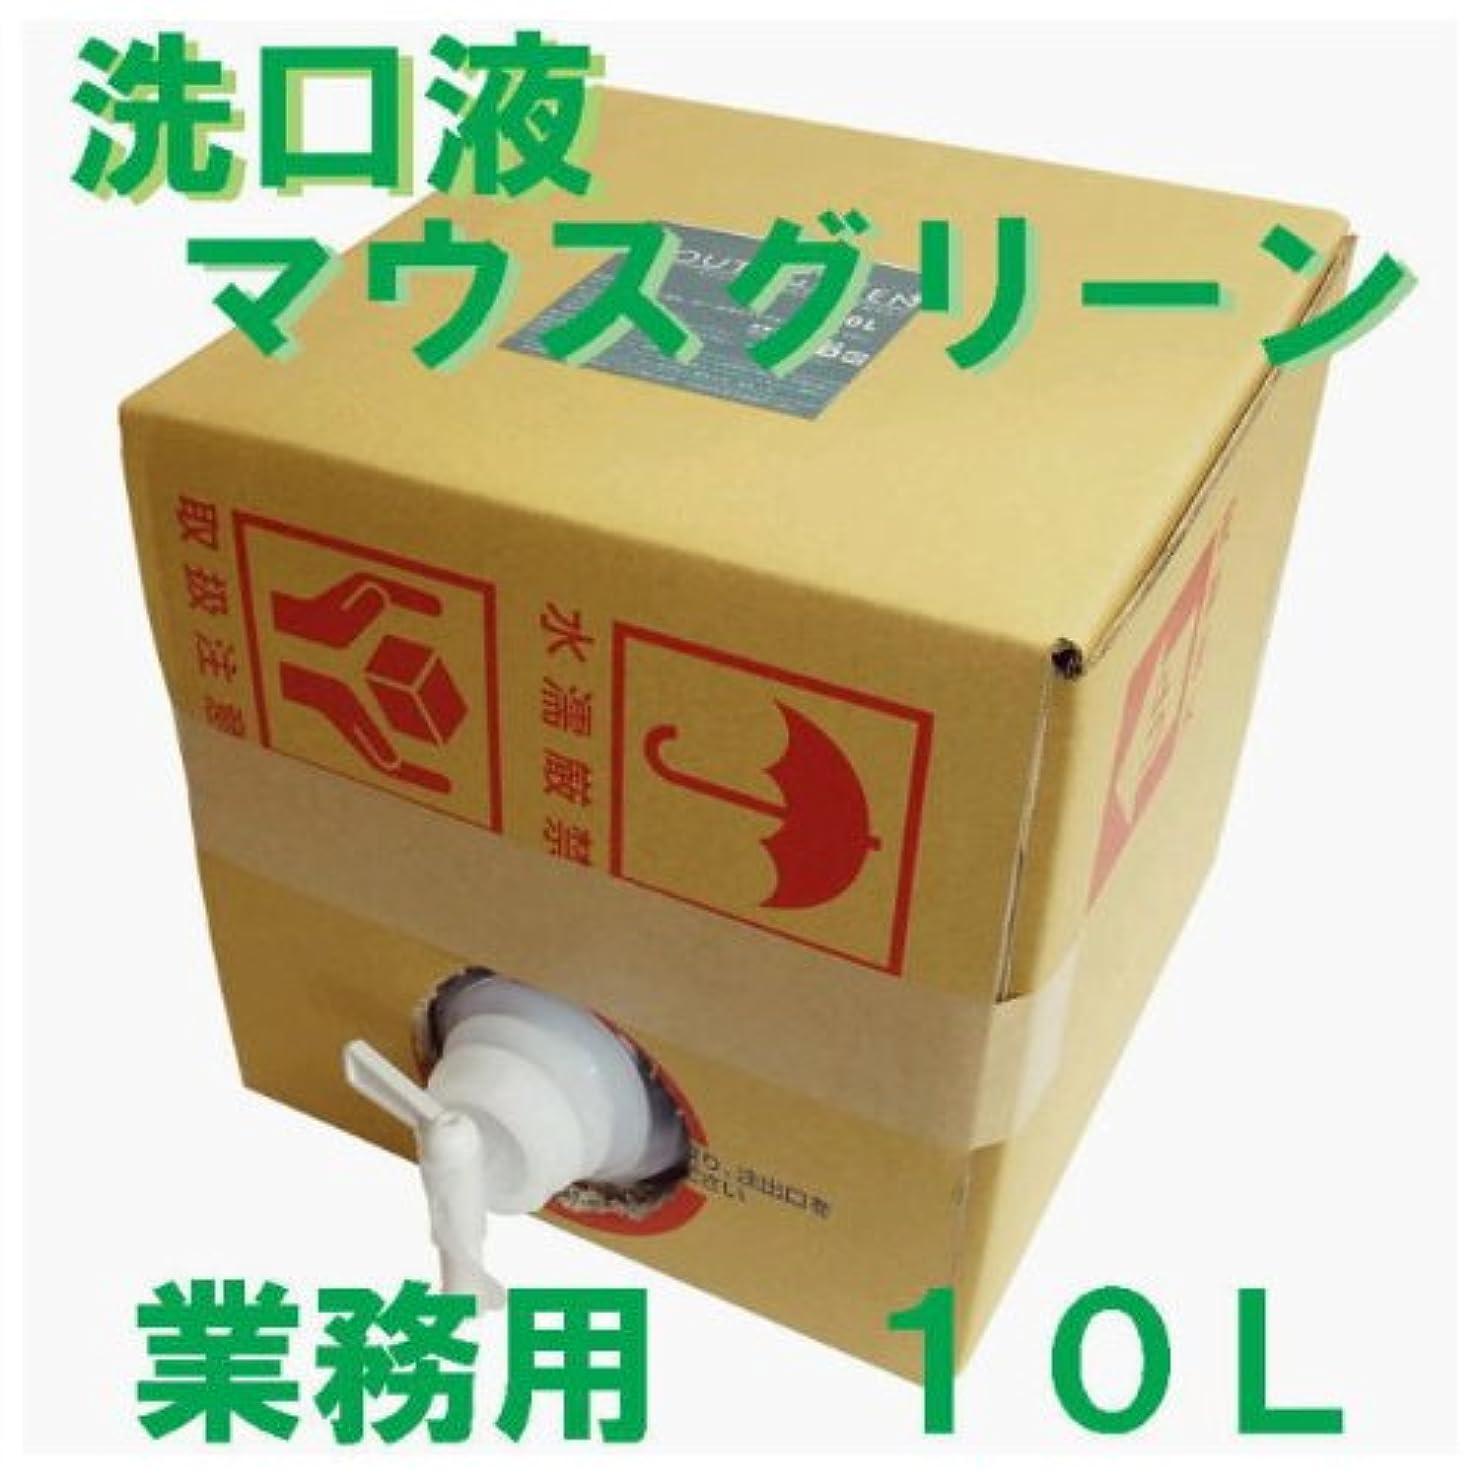 スティックペインギリックキュービック業務用 口腔化粧品 マウスグリーン洗口液 10L